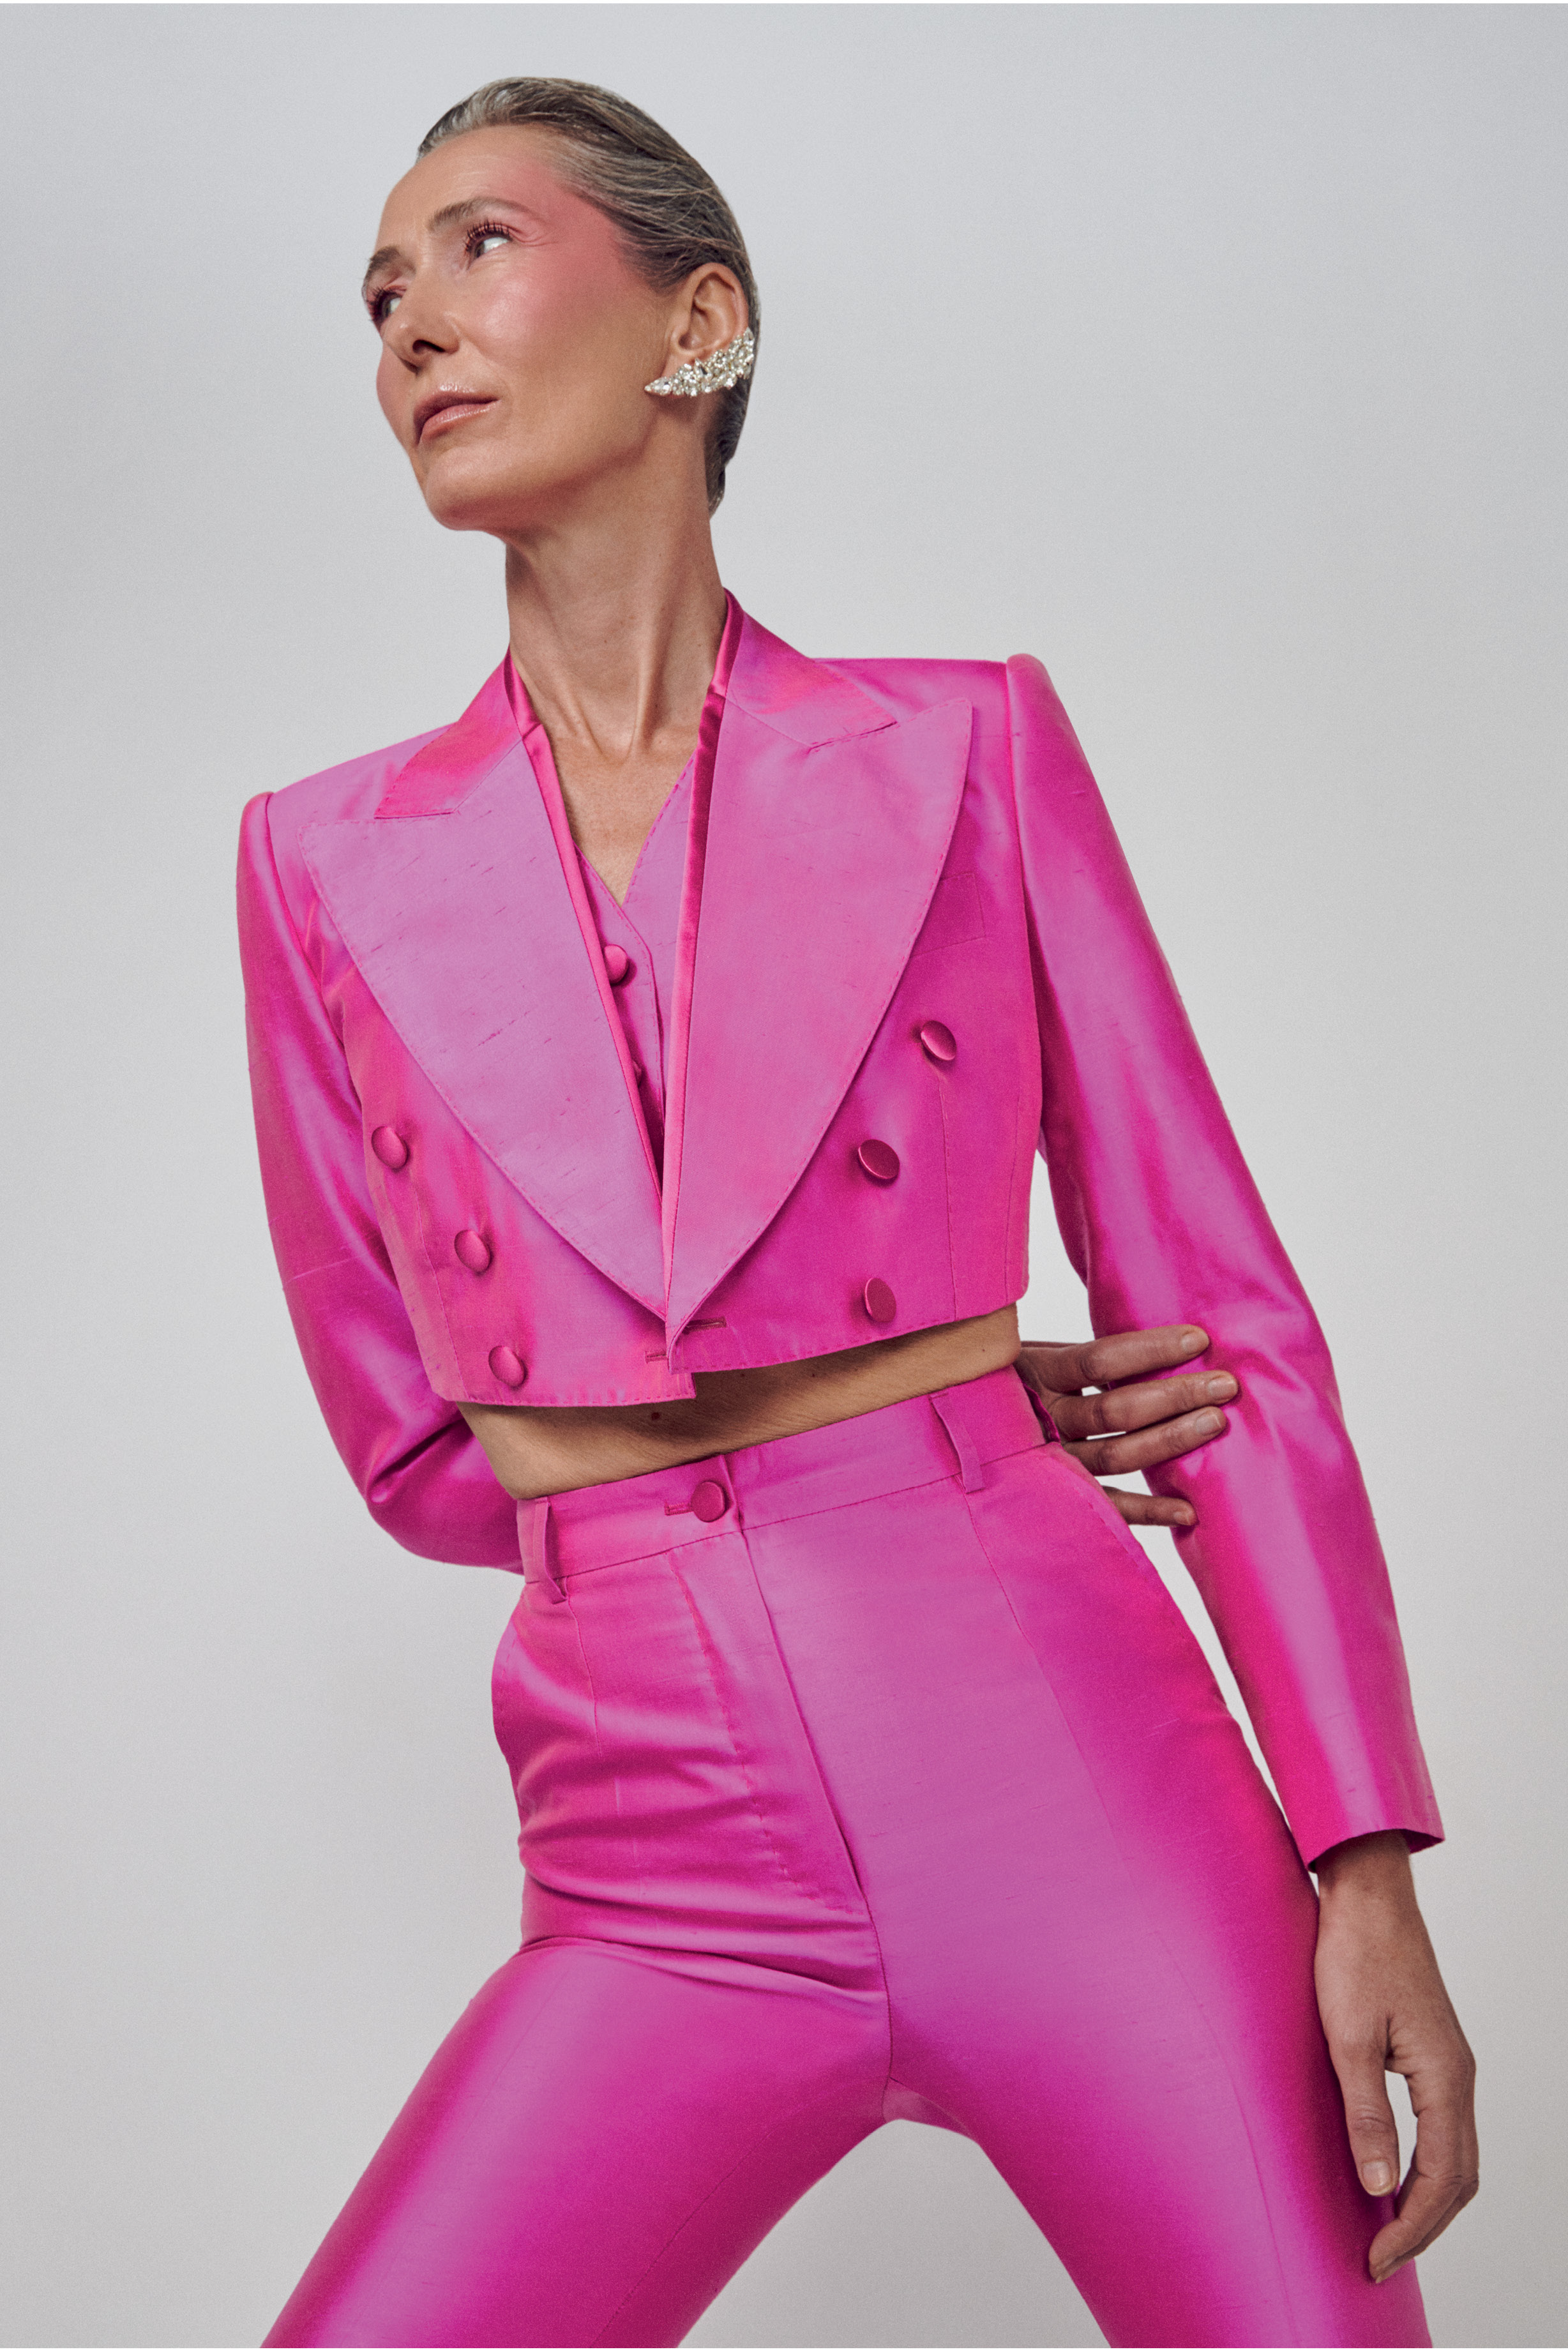 modelos com roupa rosa